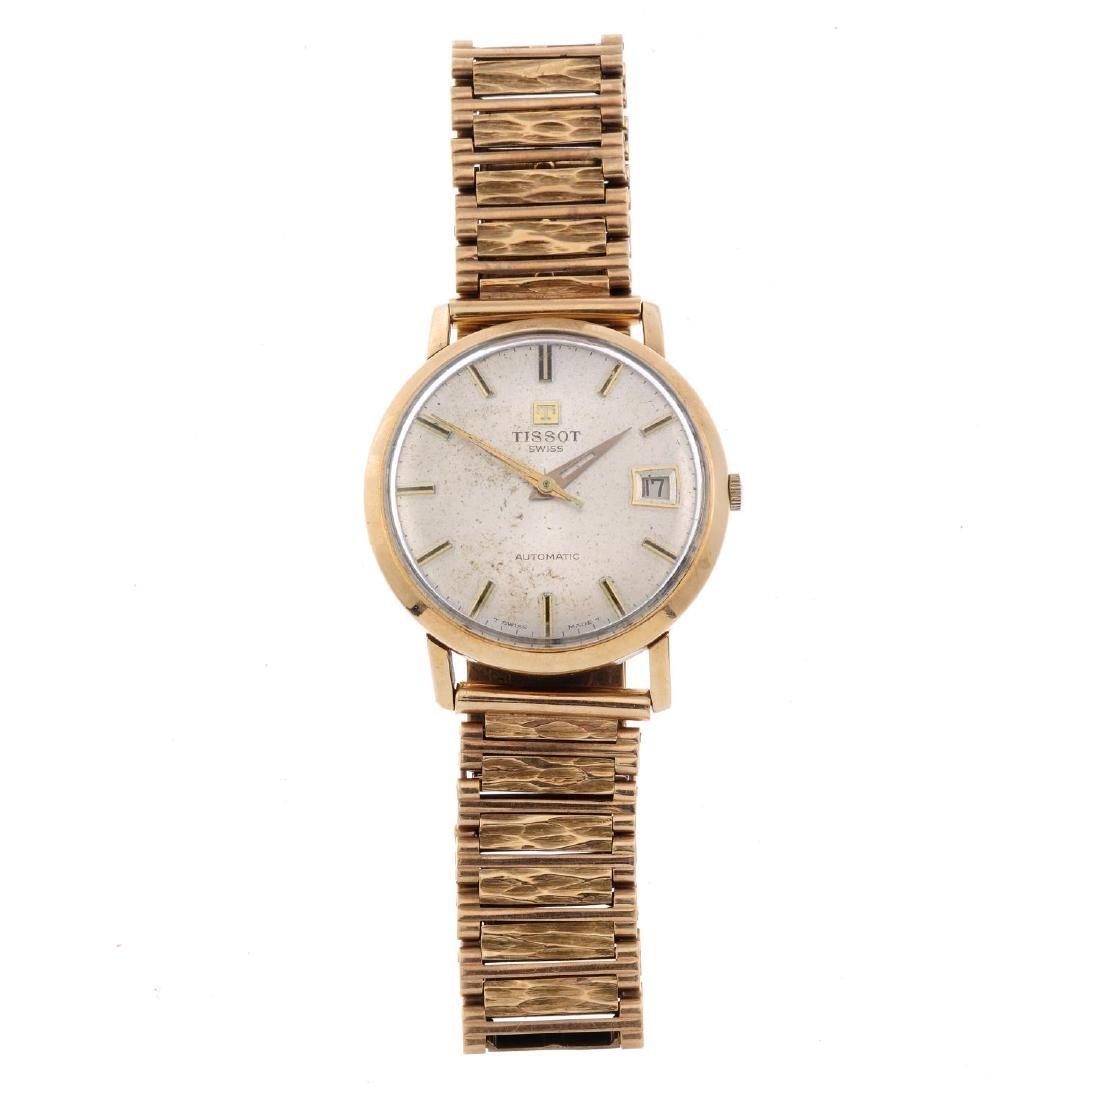 TISSOT - a gentleman's bracelet watch. 9ct yellow gold